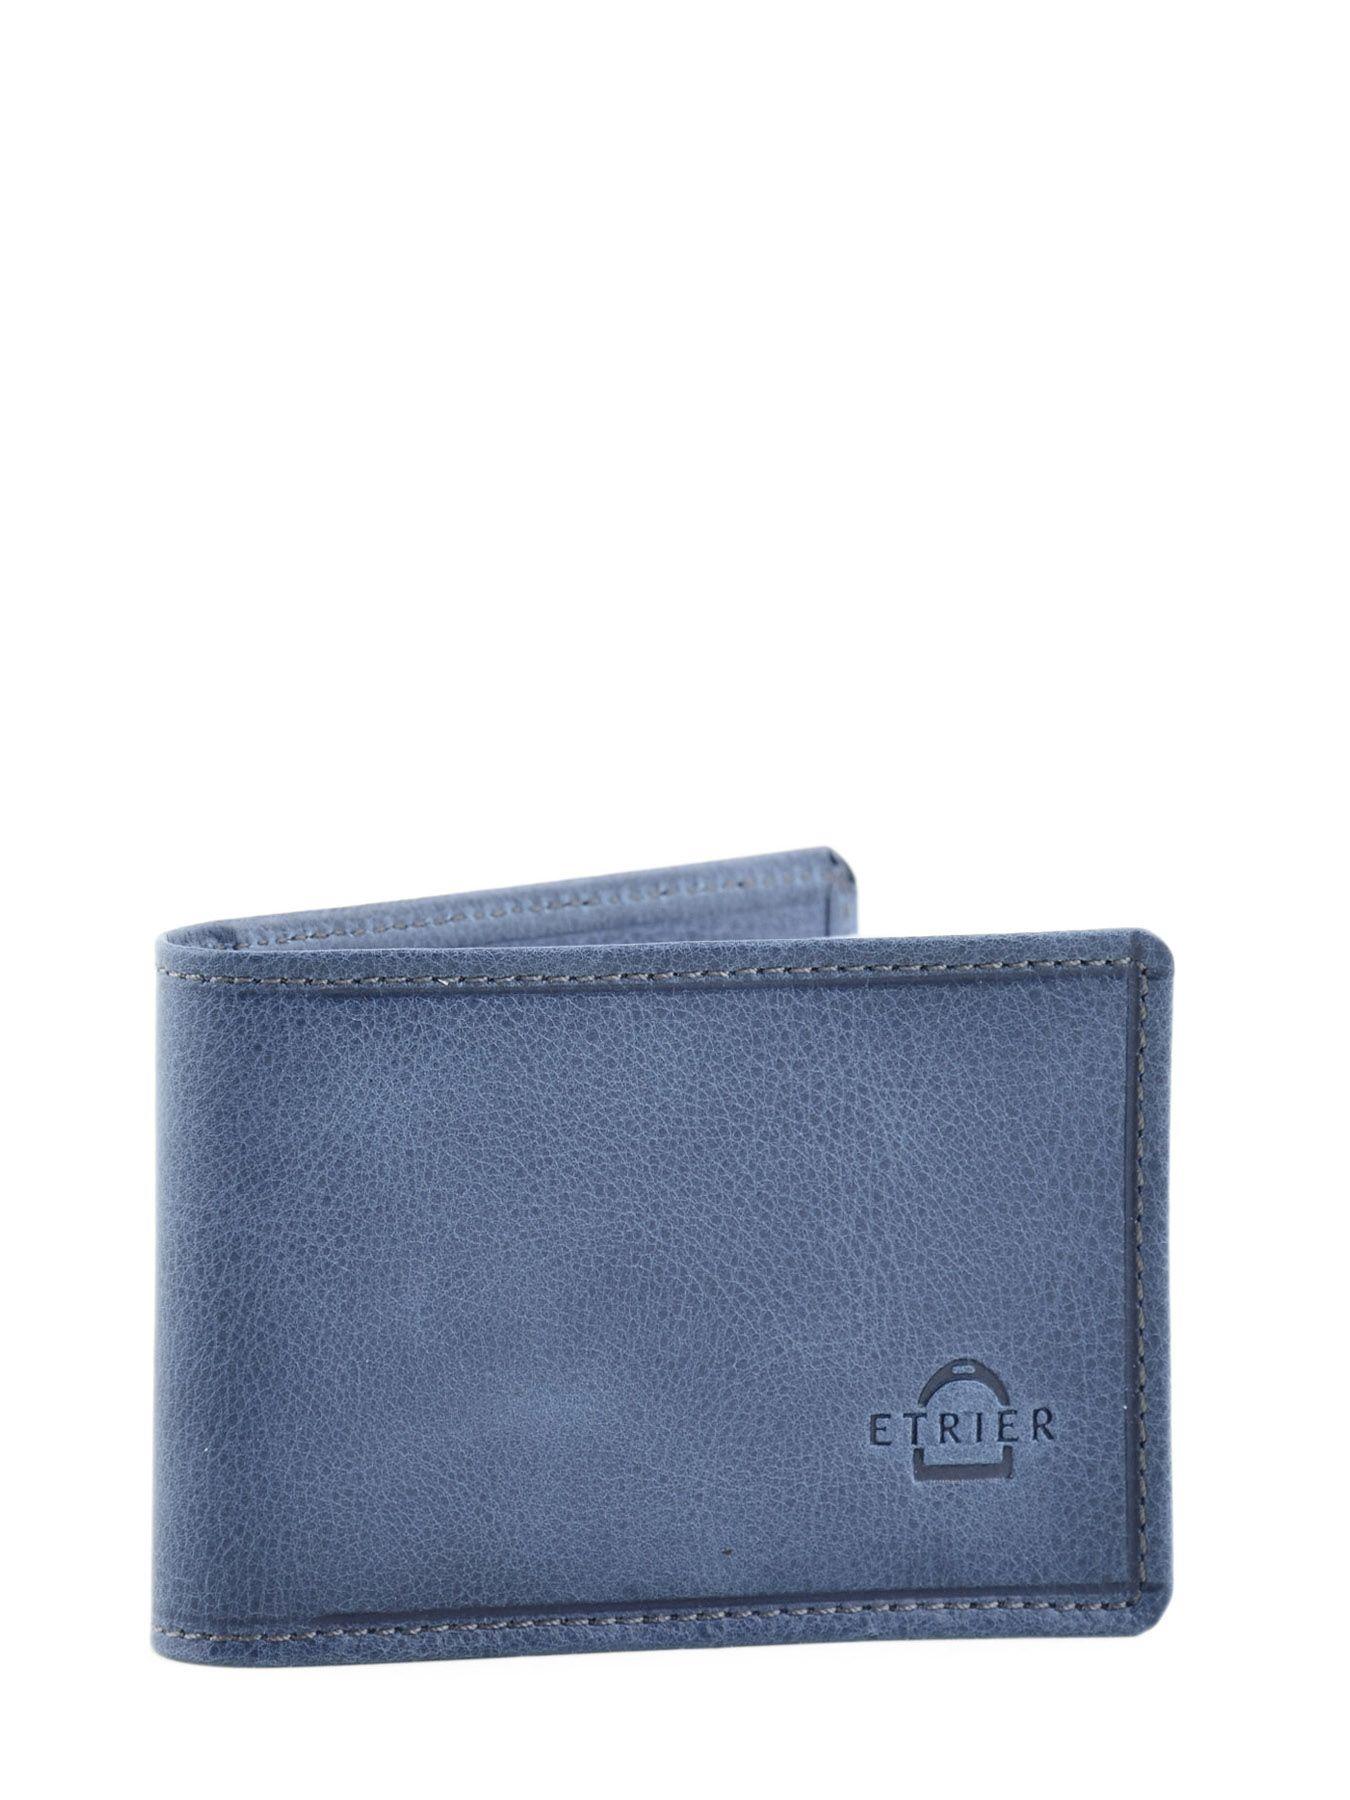 porte cartes etrier antik 708022 en vente au meilleur prix